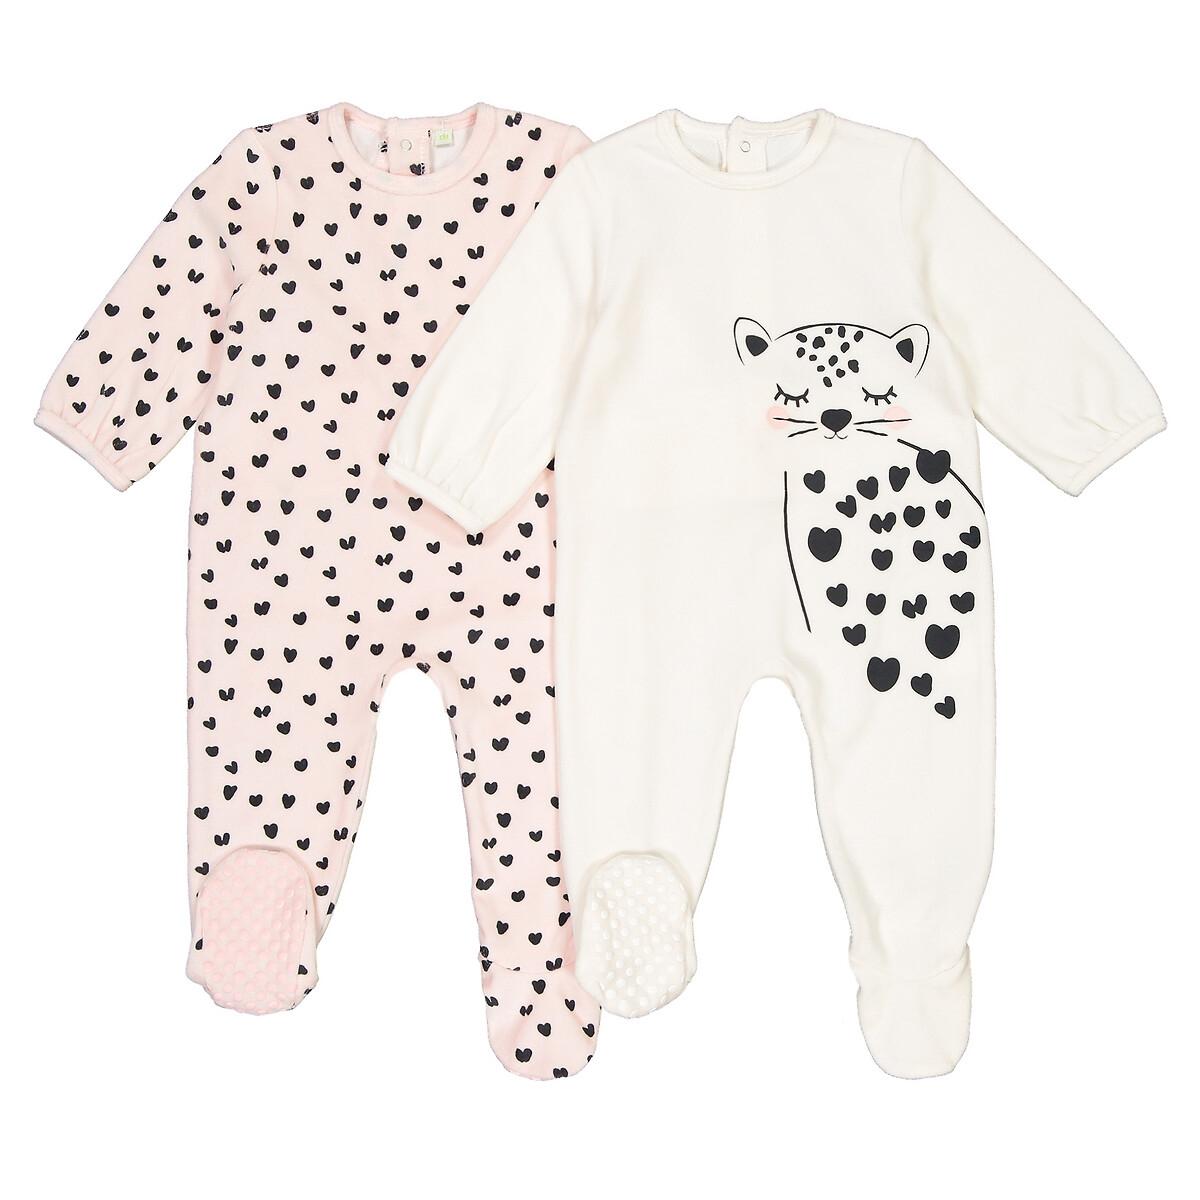 2 пижамы LaRedoute Слитные из велюра 0 мес-3 лет 3 мес. - 60 см розовый